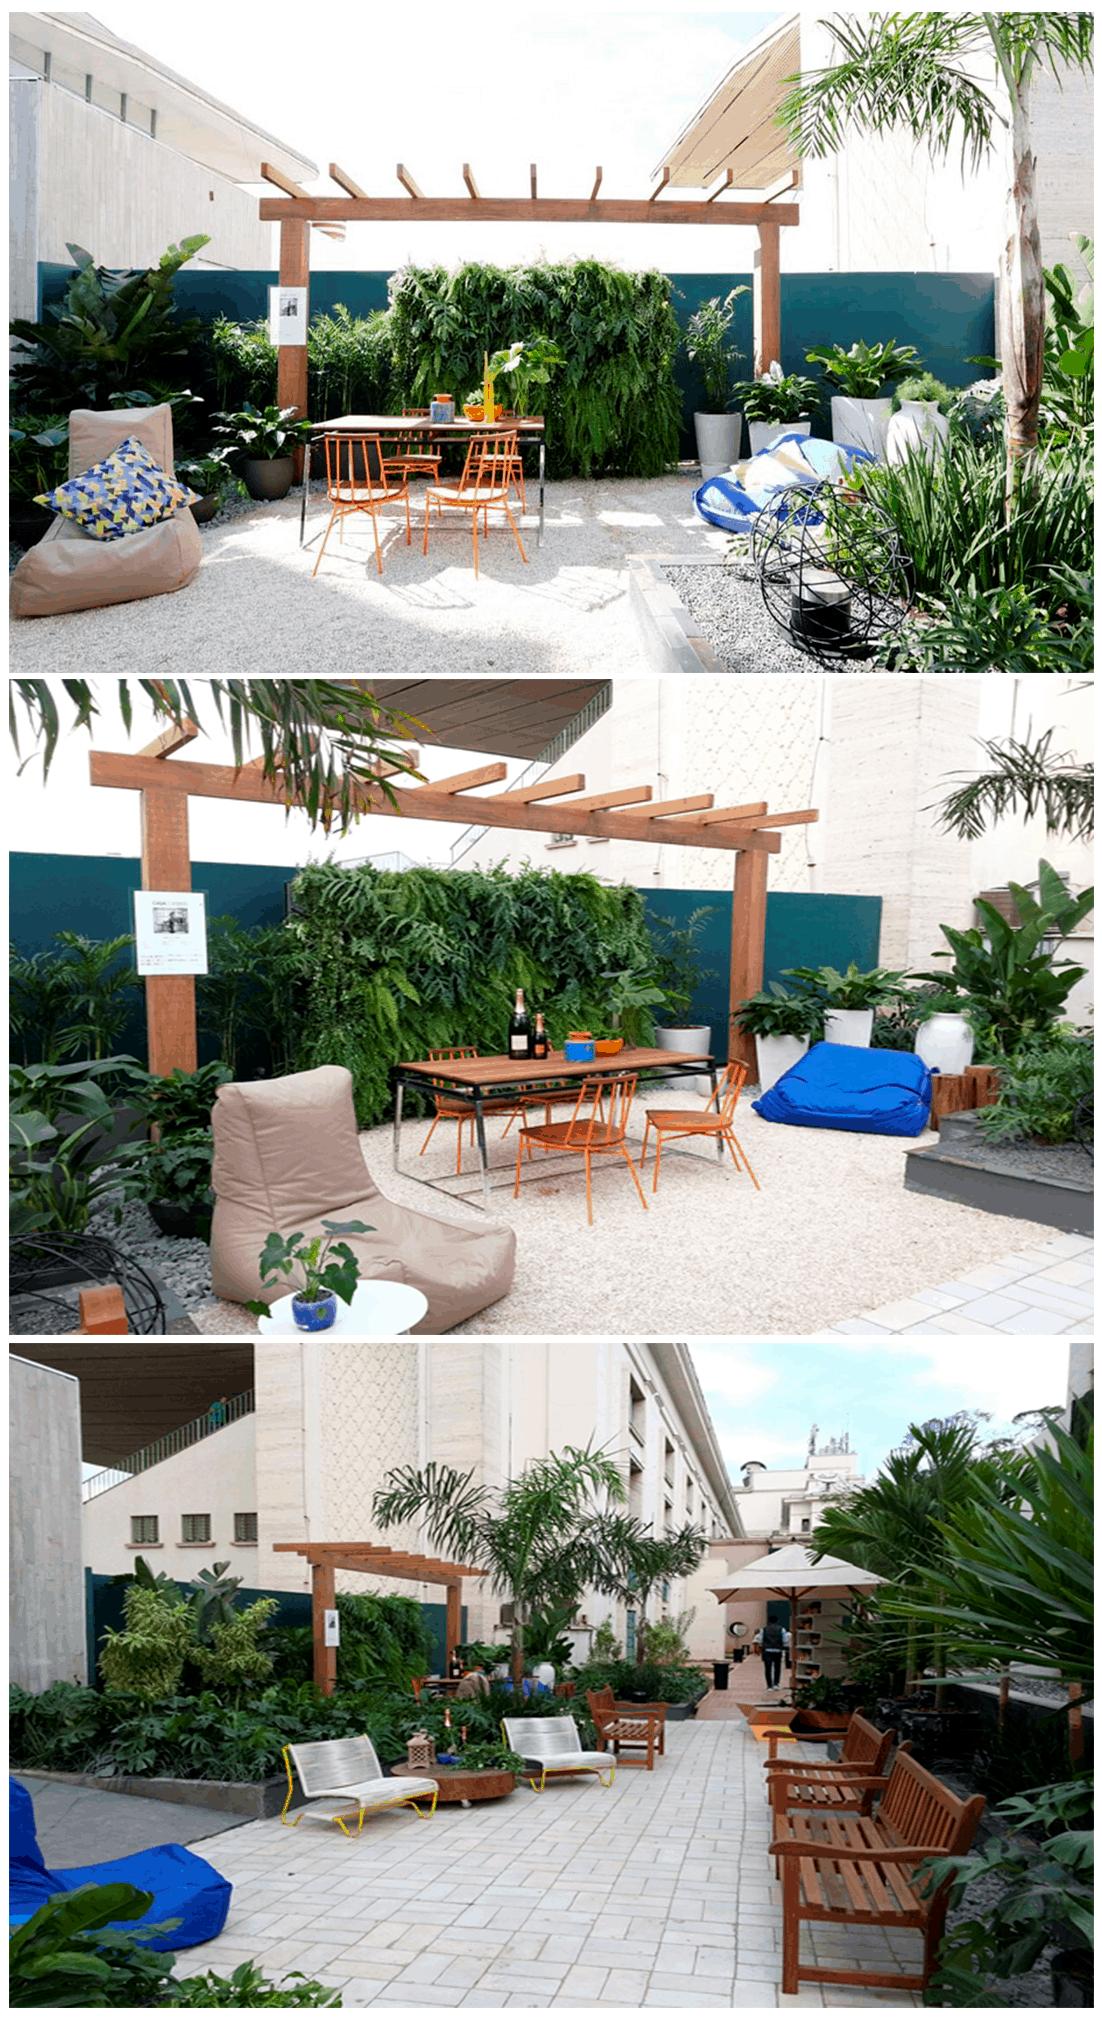 bia-jardim-do-lounge-casa-cor-decorar-com-charme